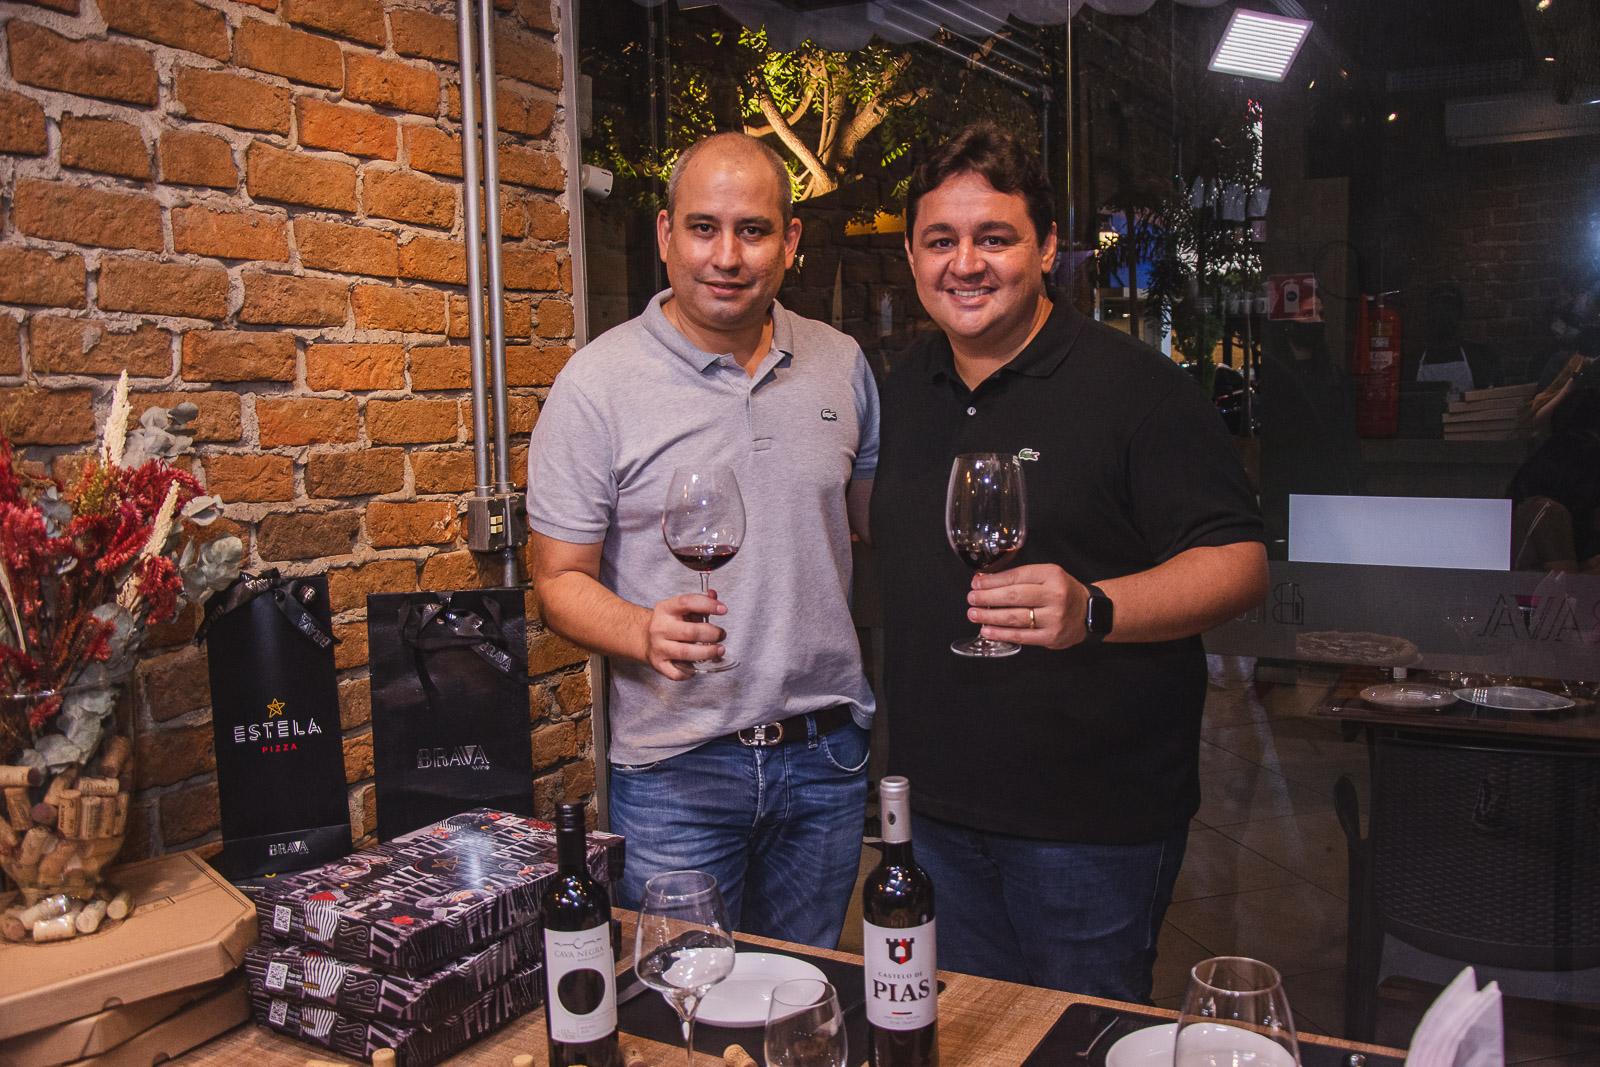 Brava Wine e Estela Pizza lançam collab exclusiva em noite de harmonização